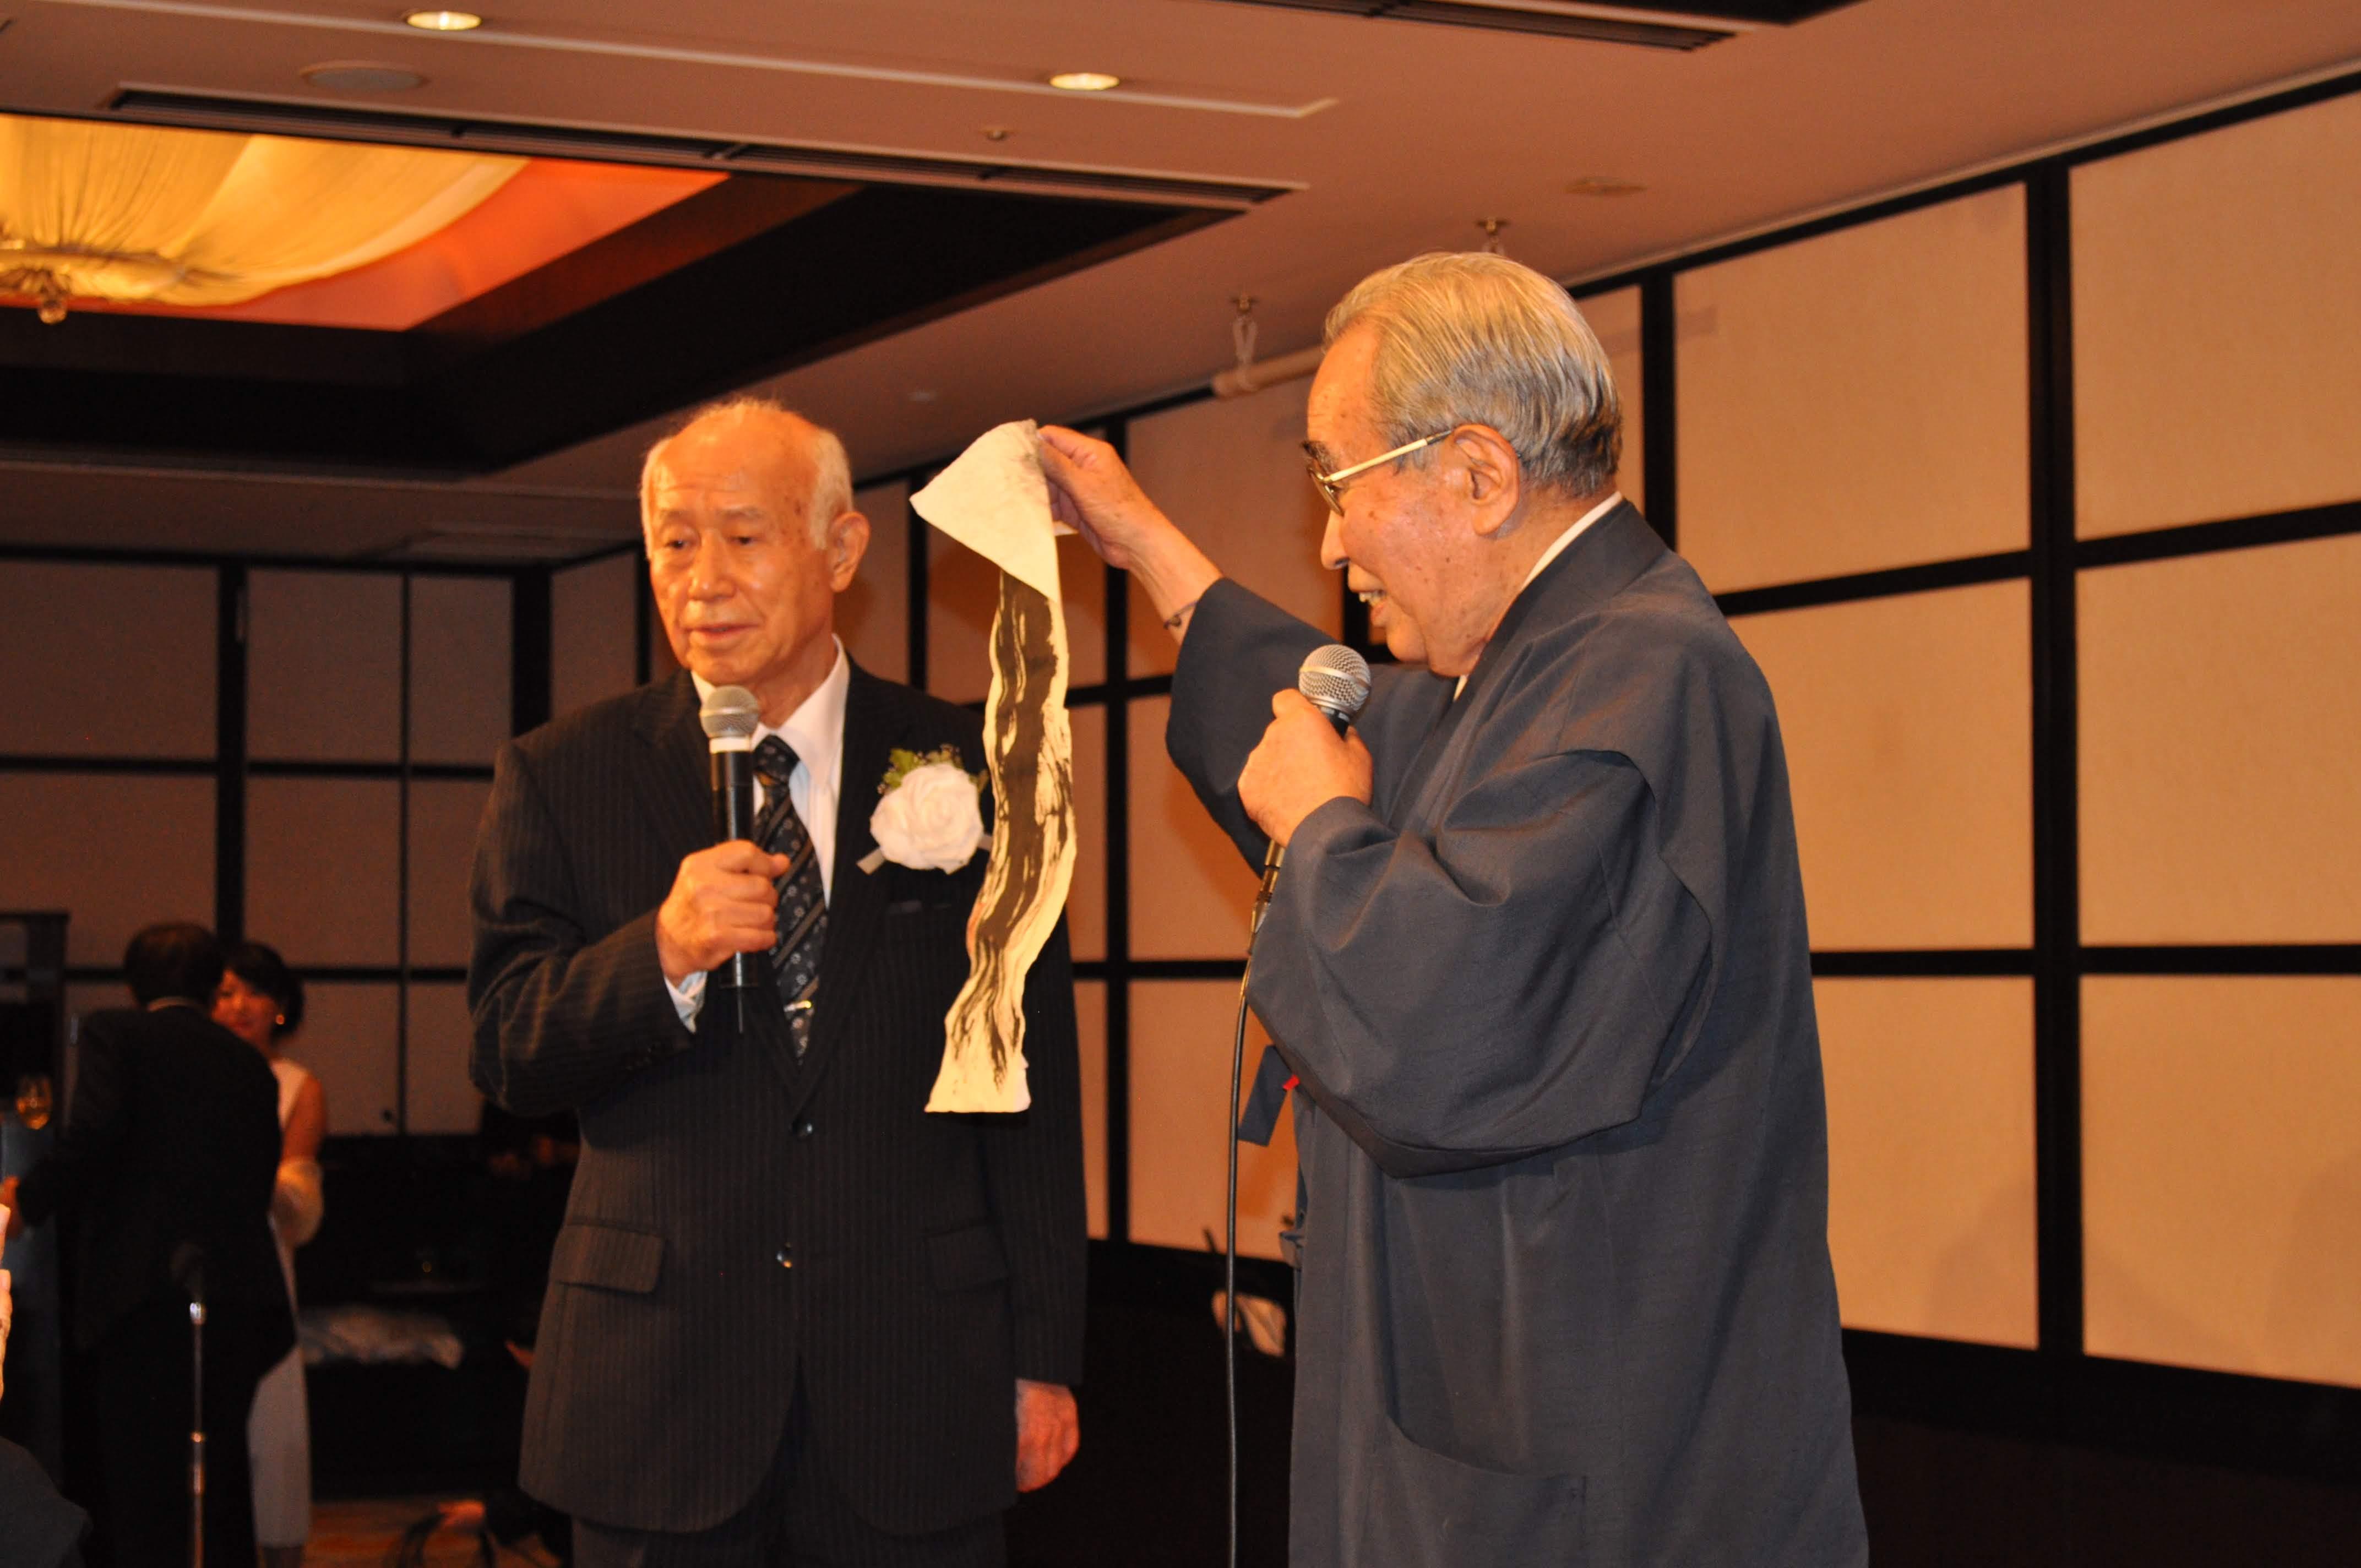 DSC 0556 1 - 思風会全国大会in広島